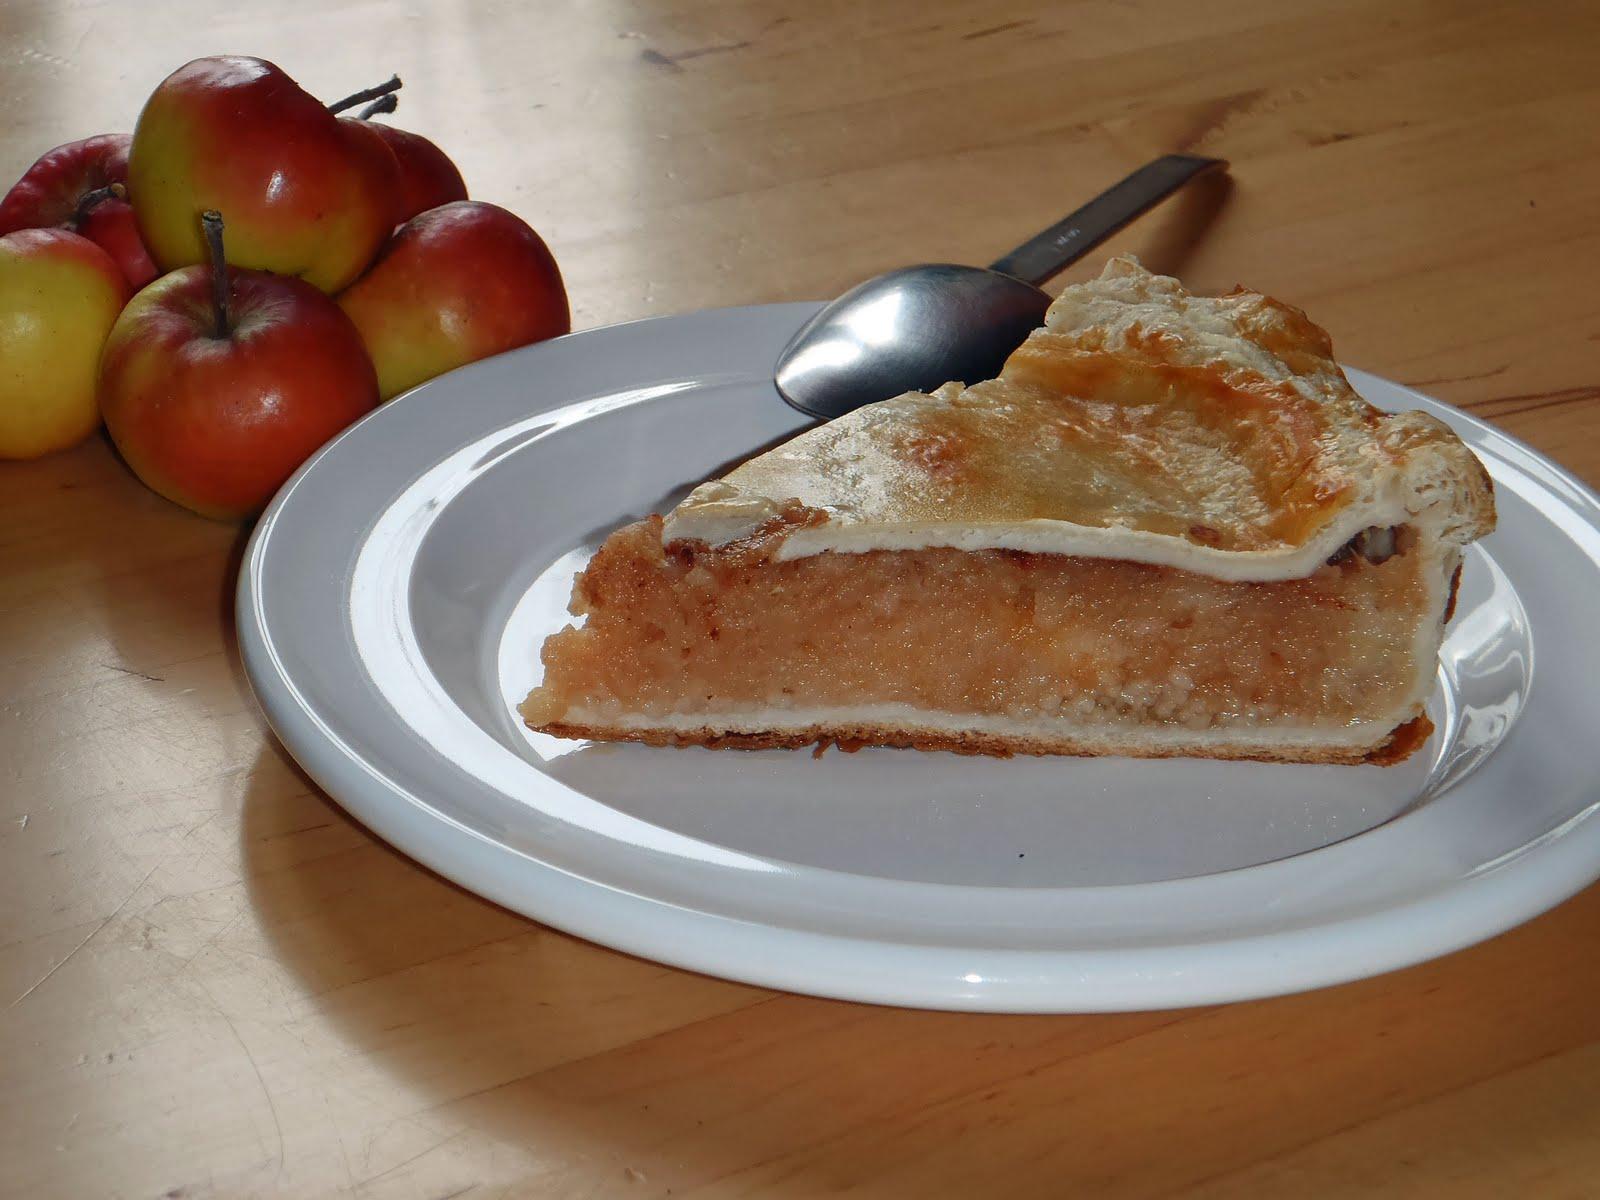 Pompe aux pommes et jus de pomme maison - Jus de pomme maison ...